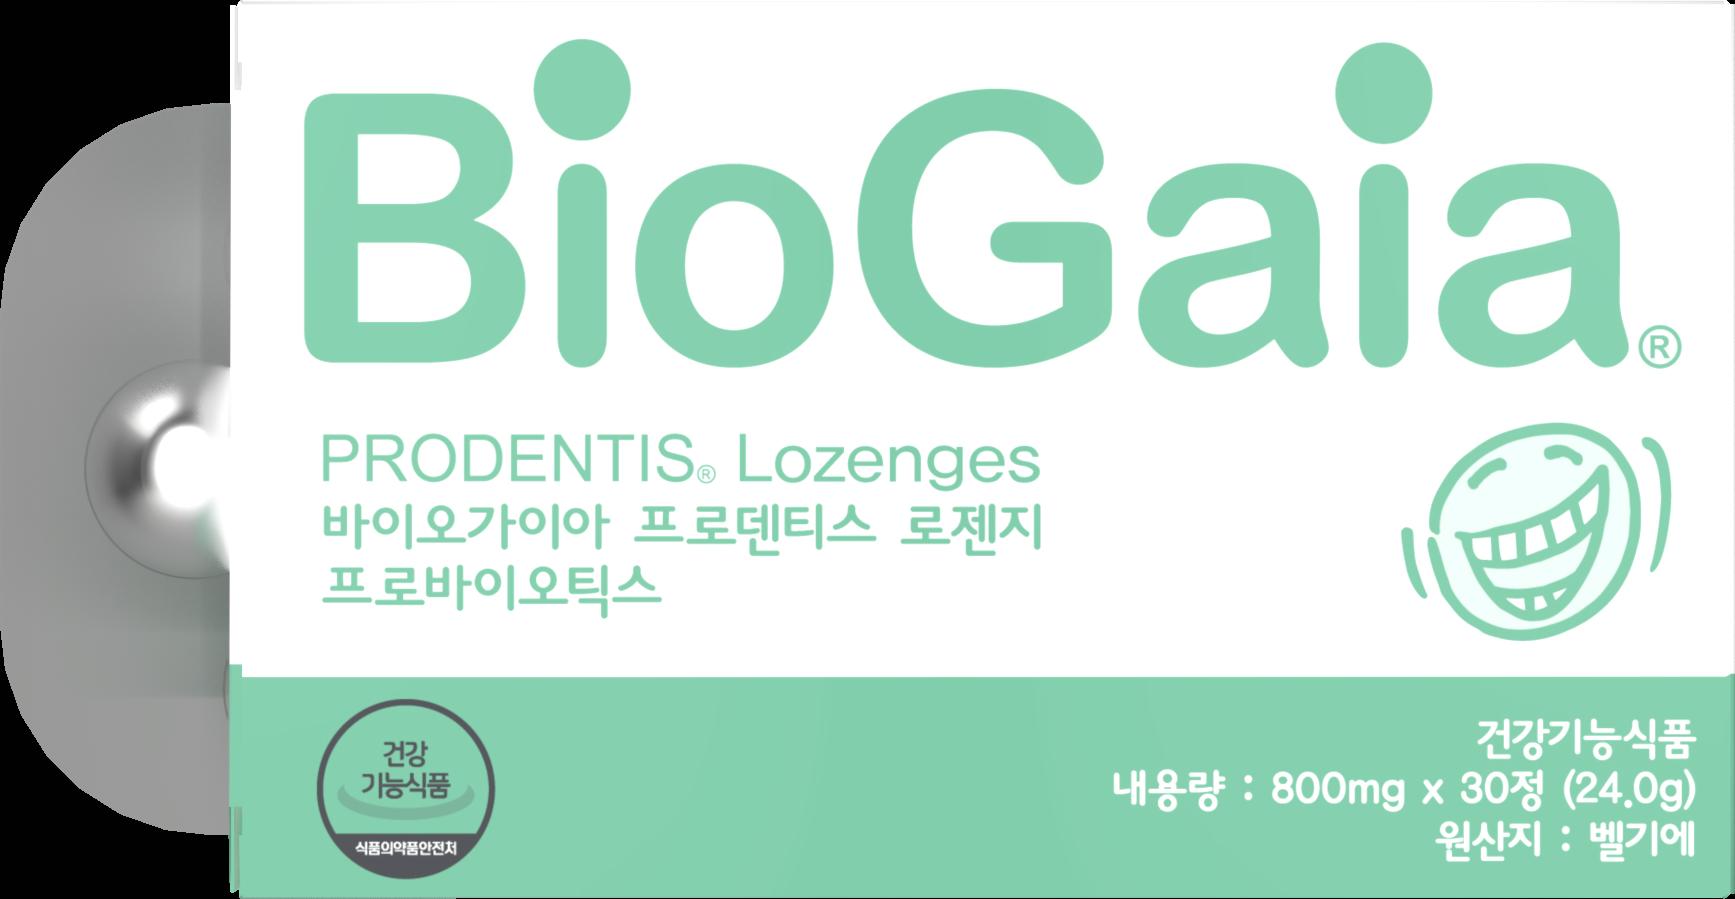 Prodentis Southkorea Biogaia